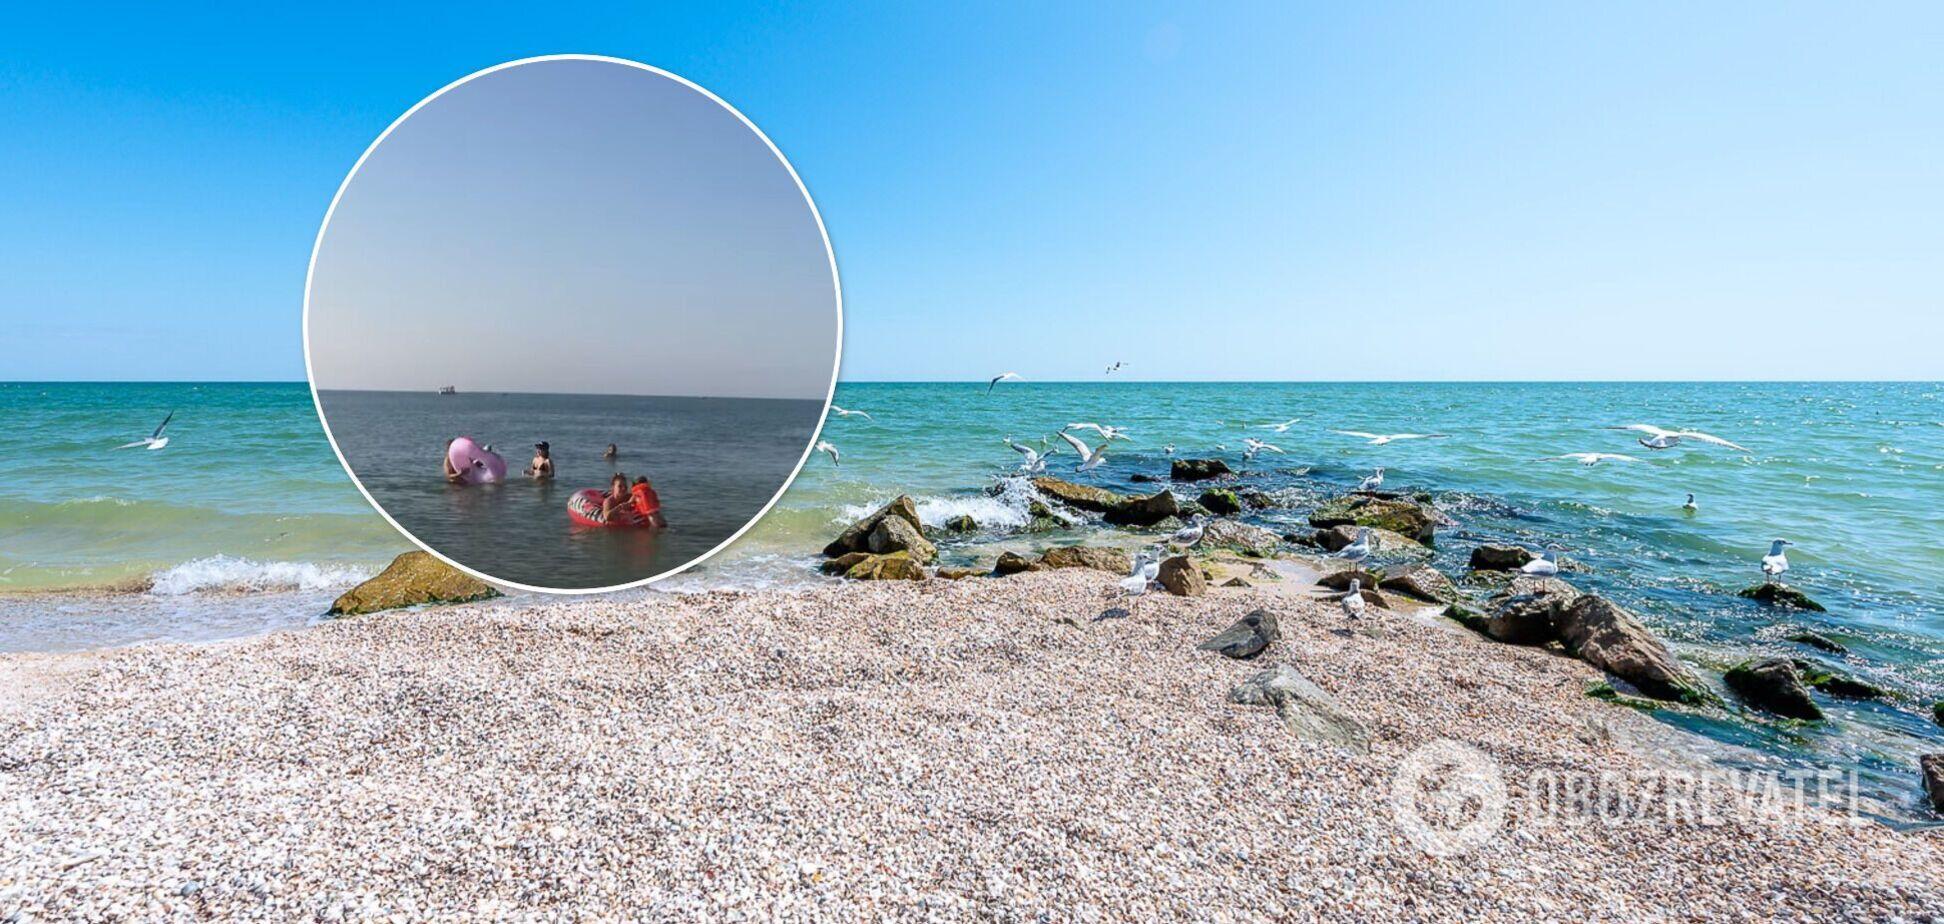 Медузы исчезли, вода радует: туристы показали свежие видео из Кирилловки и рассказали об отдыхе